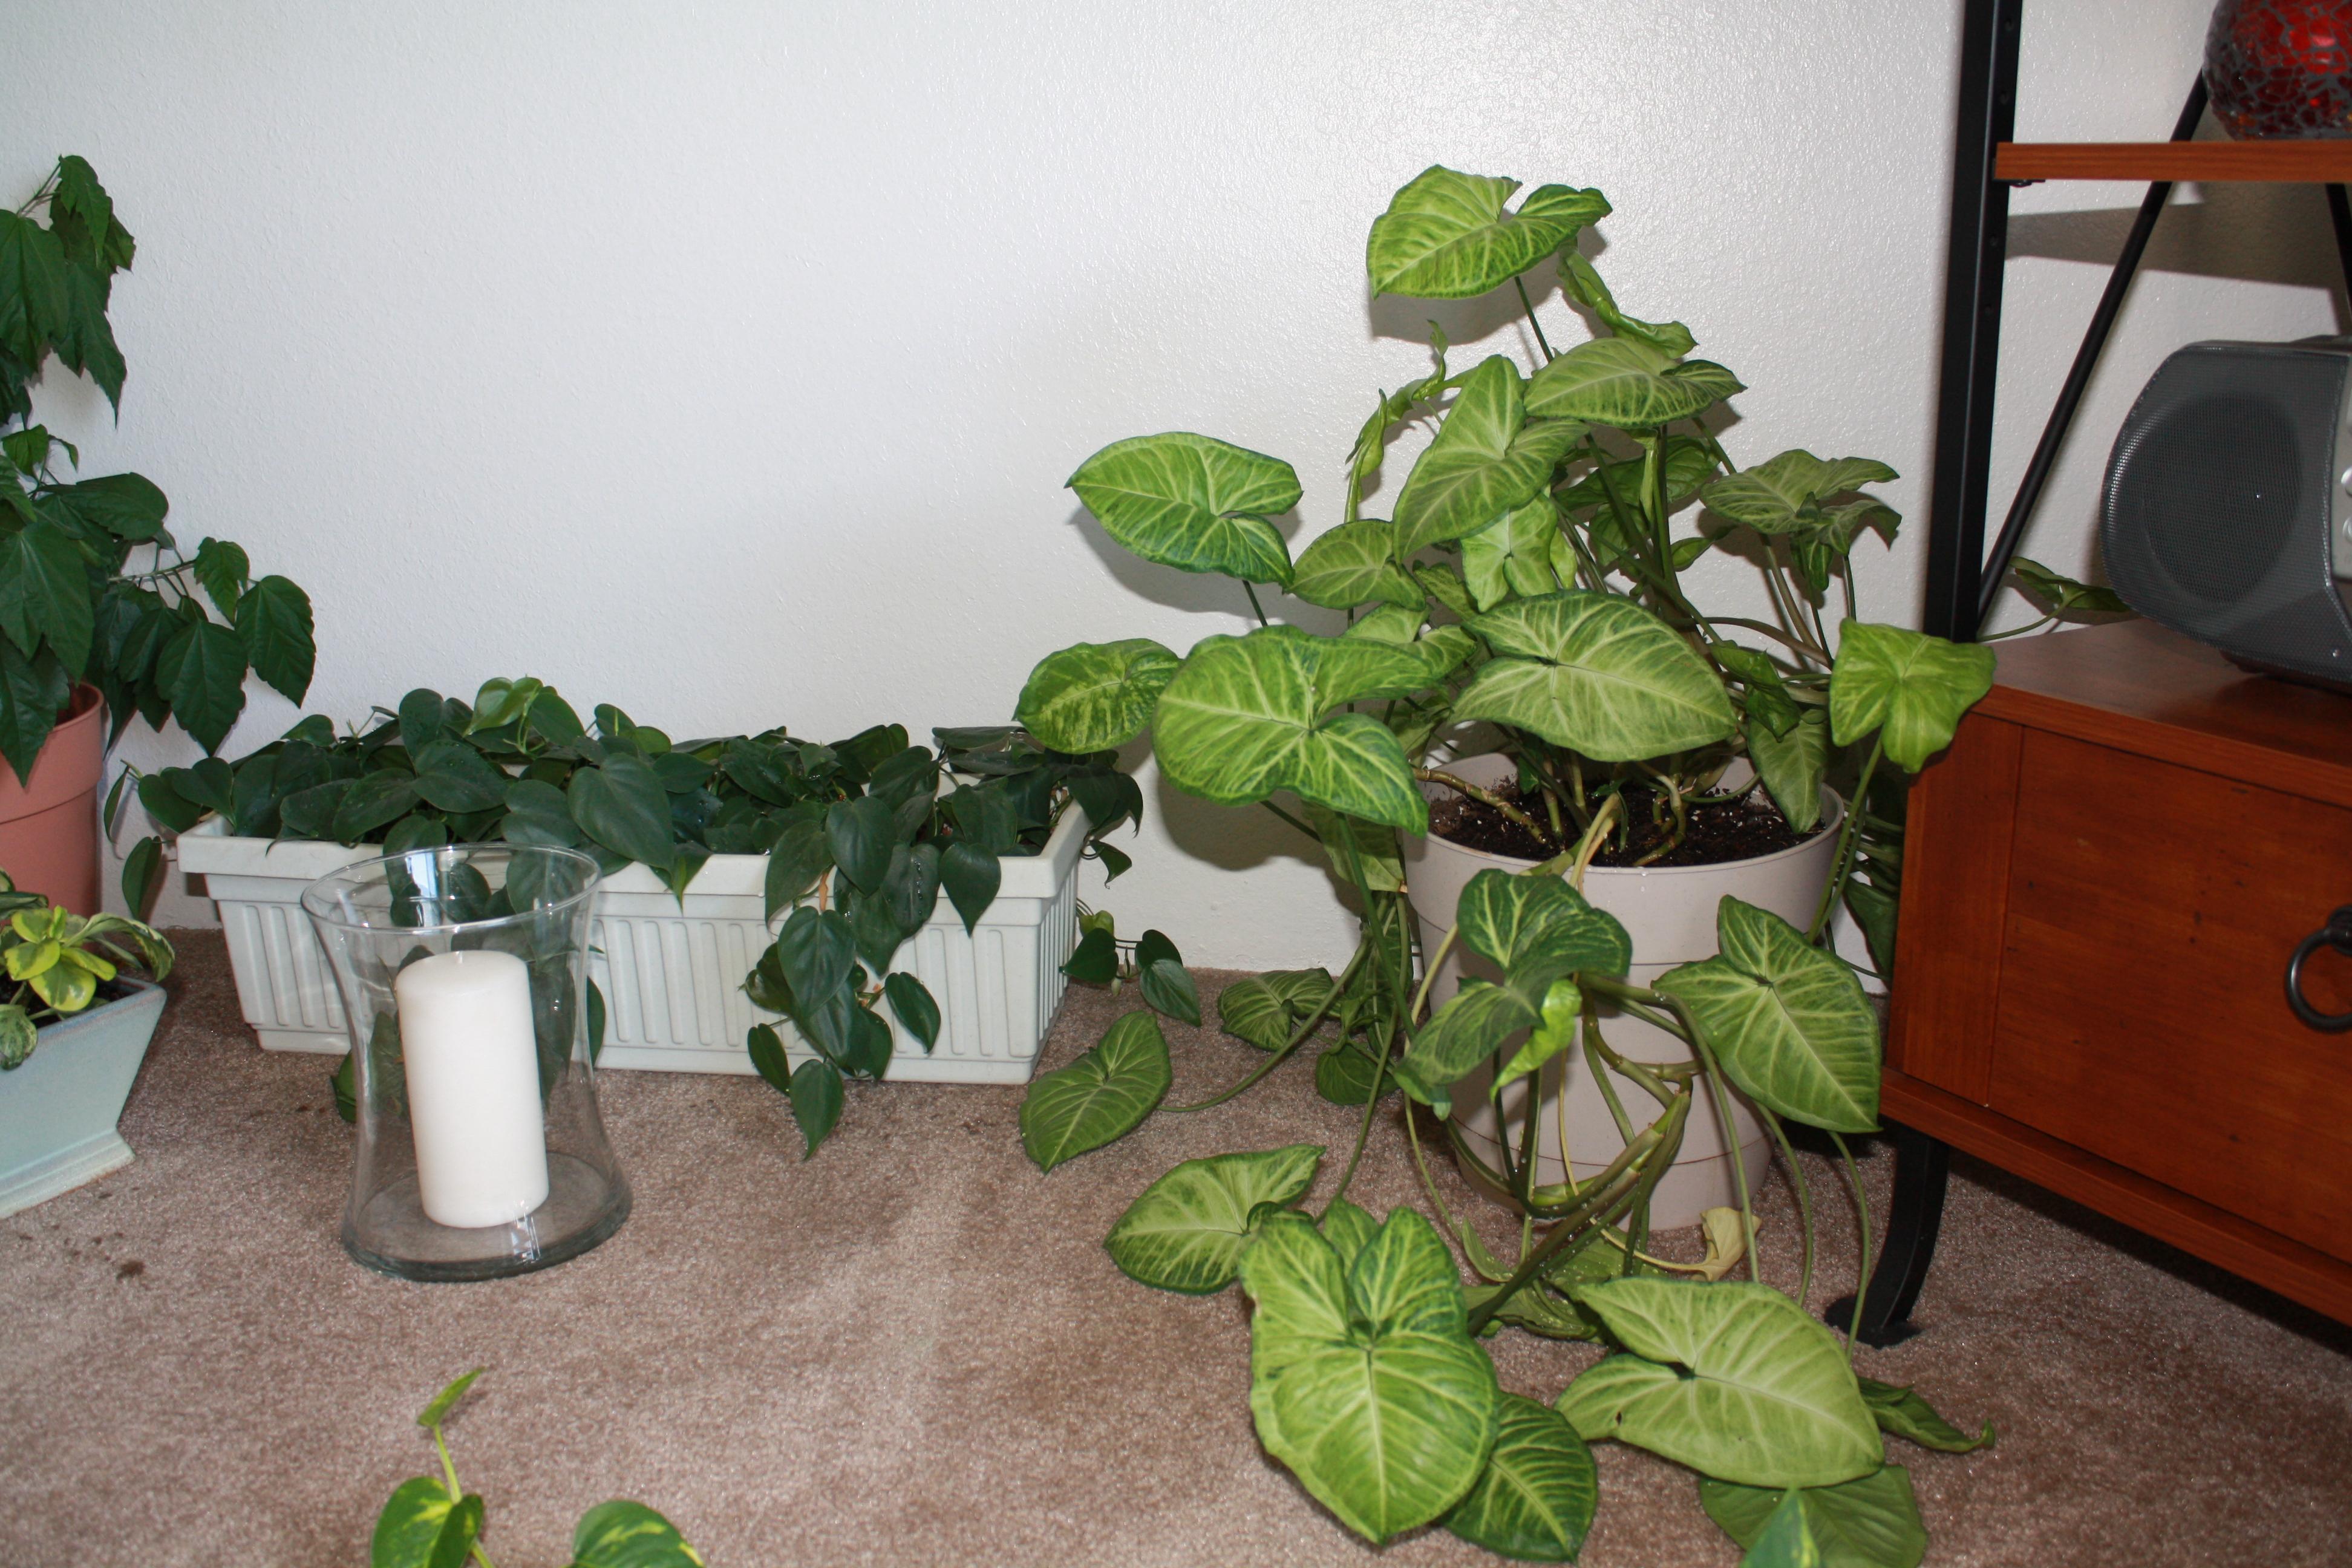 Best Kitchen Gallery: Arrowhead Plant Good To Grow of Arrowhead House Plant Names on rachelxblog.com